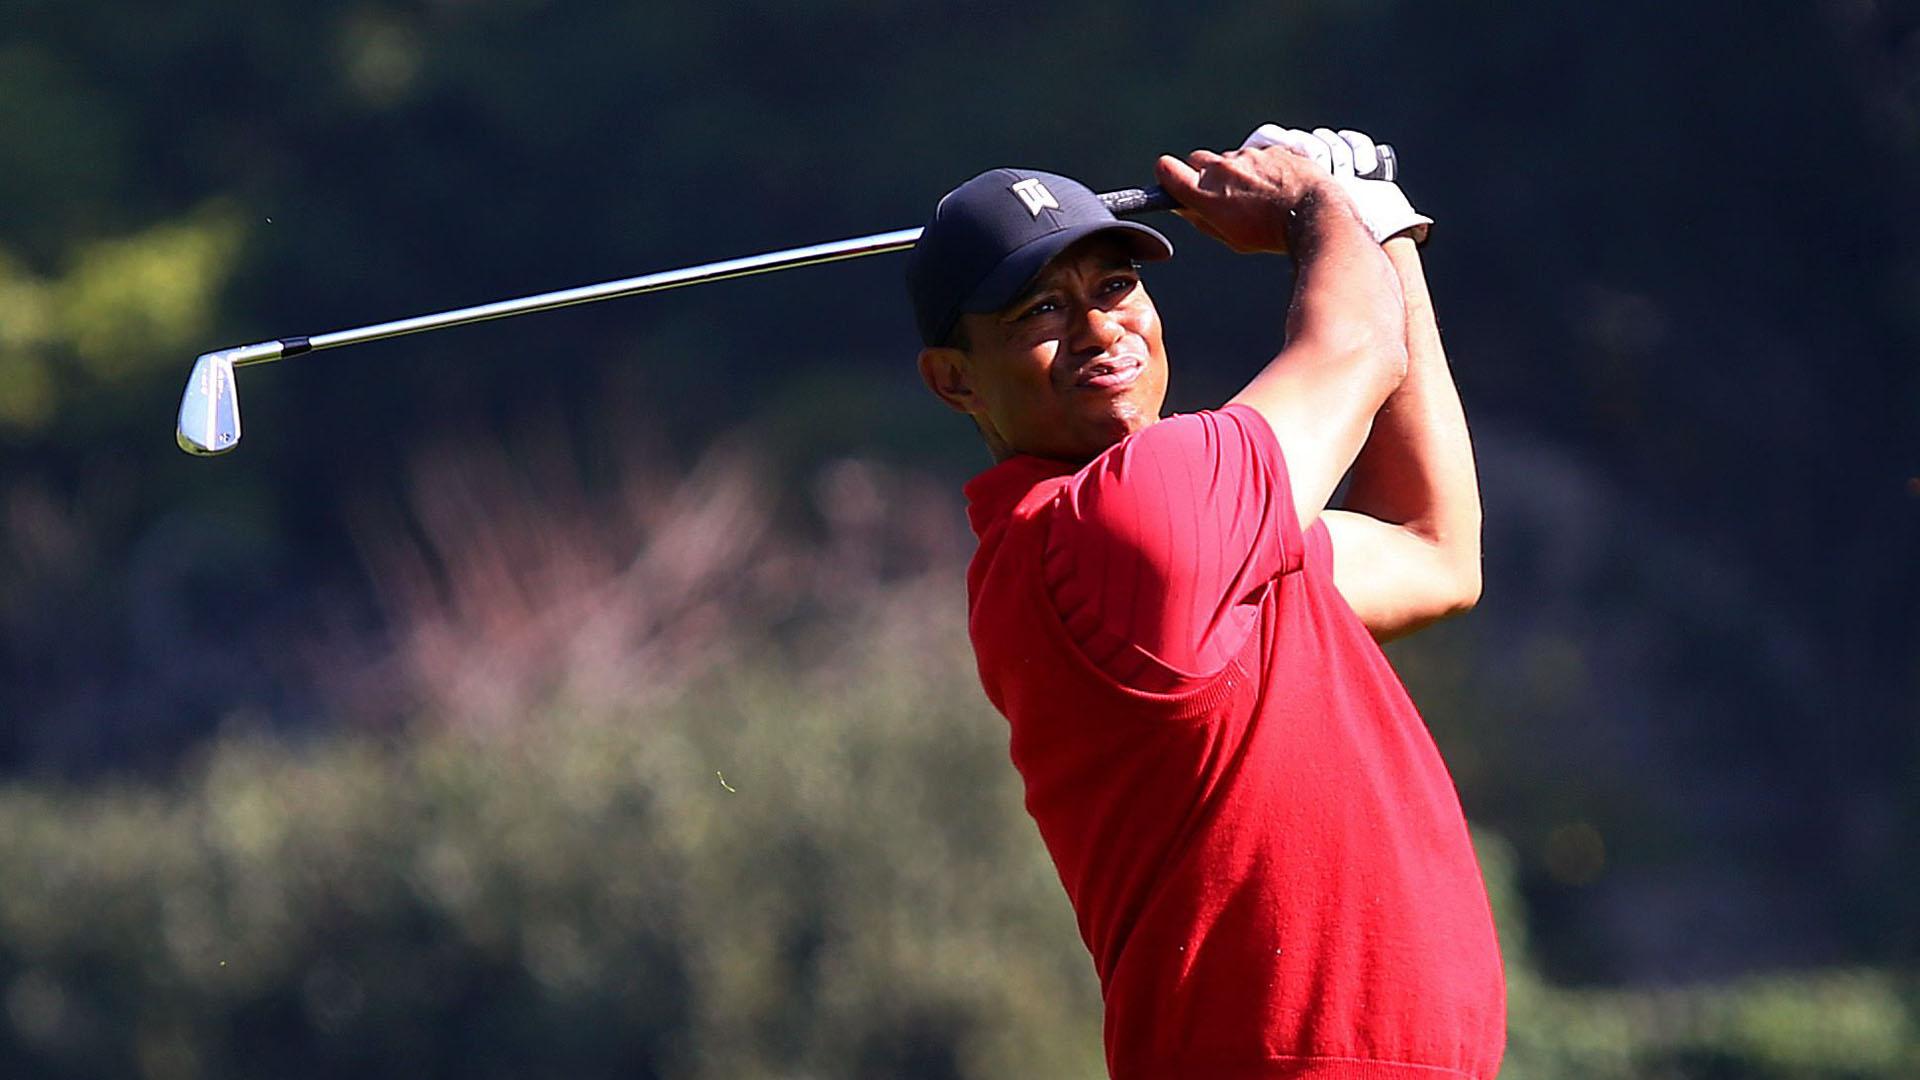 우즈, 16일 개막 PGA 투어 메모리얼 토너먼트에 출전